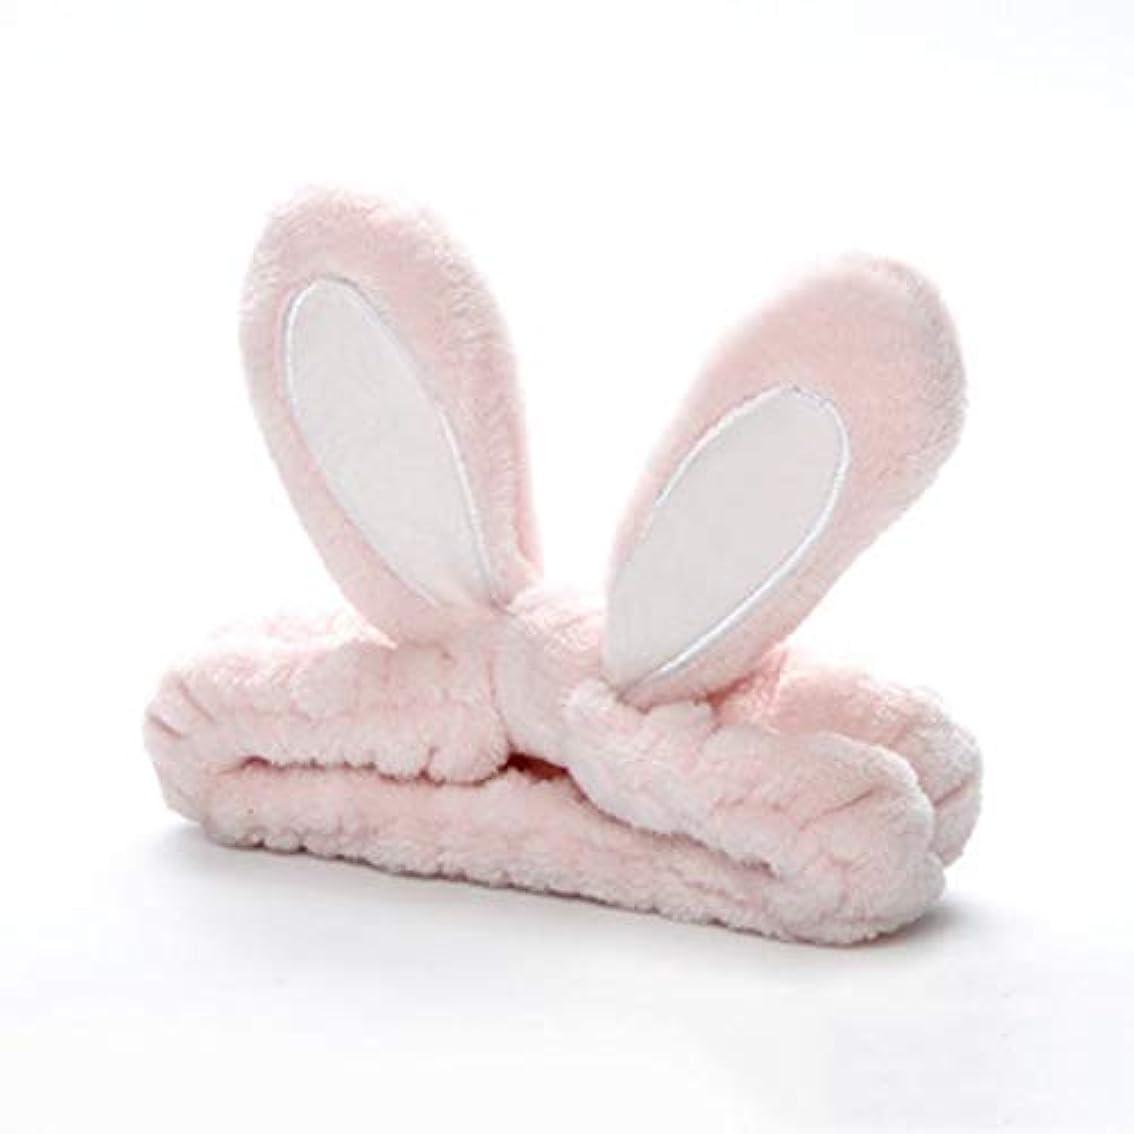 セーブ赤道傾いたかわいいうさぎ耳帽子洗浄顔とメイクアップ新しくファッションヘッドバンド - ライトピンク